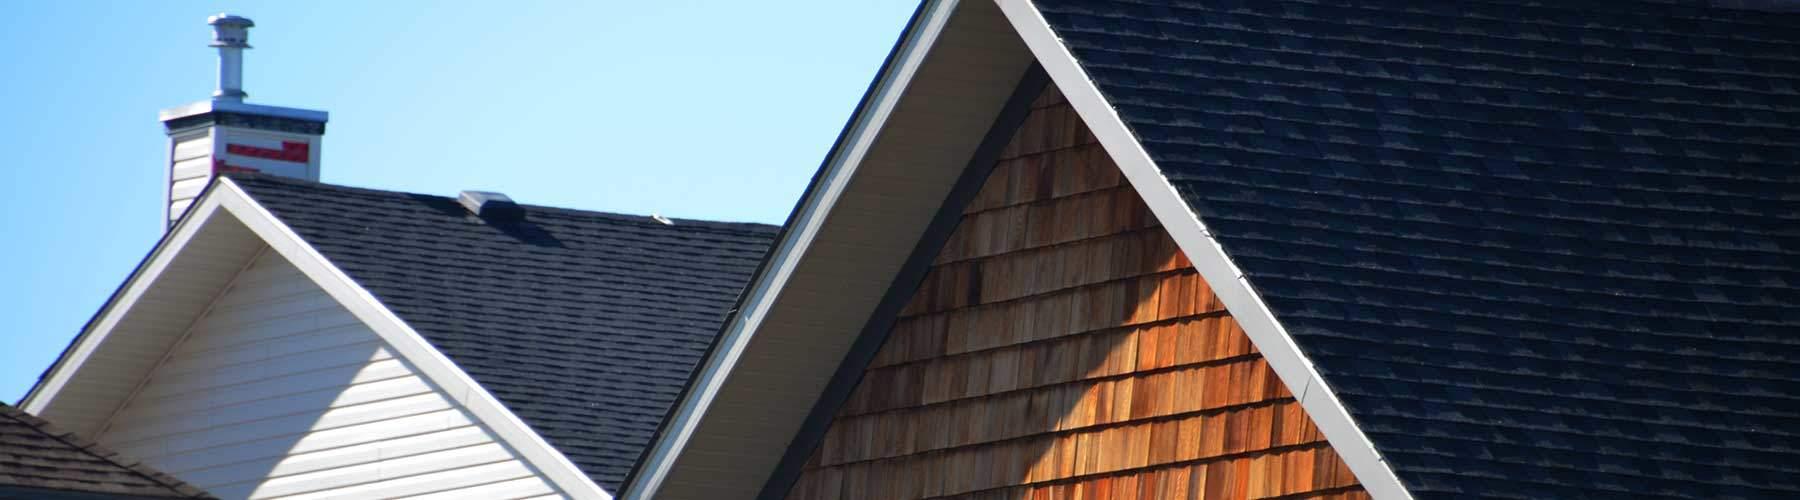 Calgary Asphalt Roofs